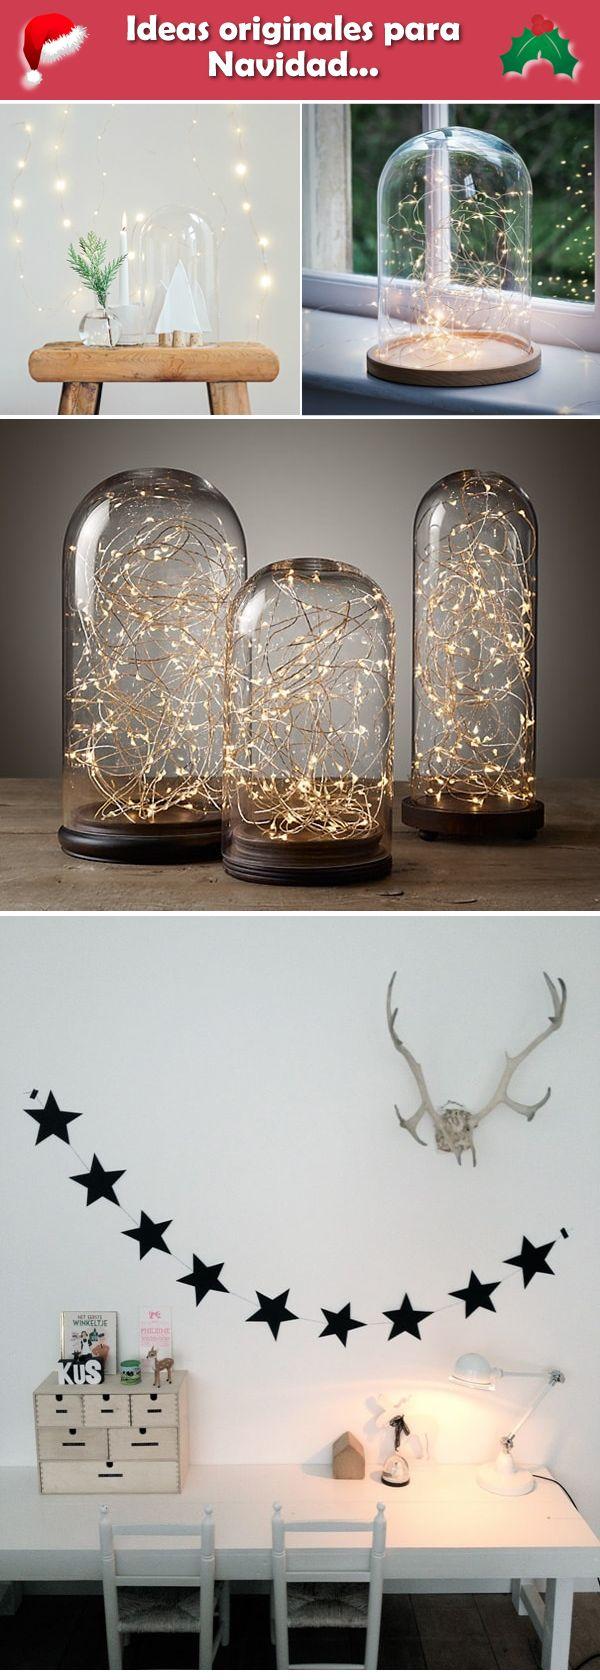 Ideas originales para la decoración navideña. Decoración navideña original.